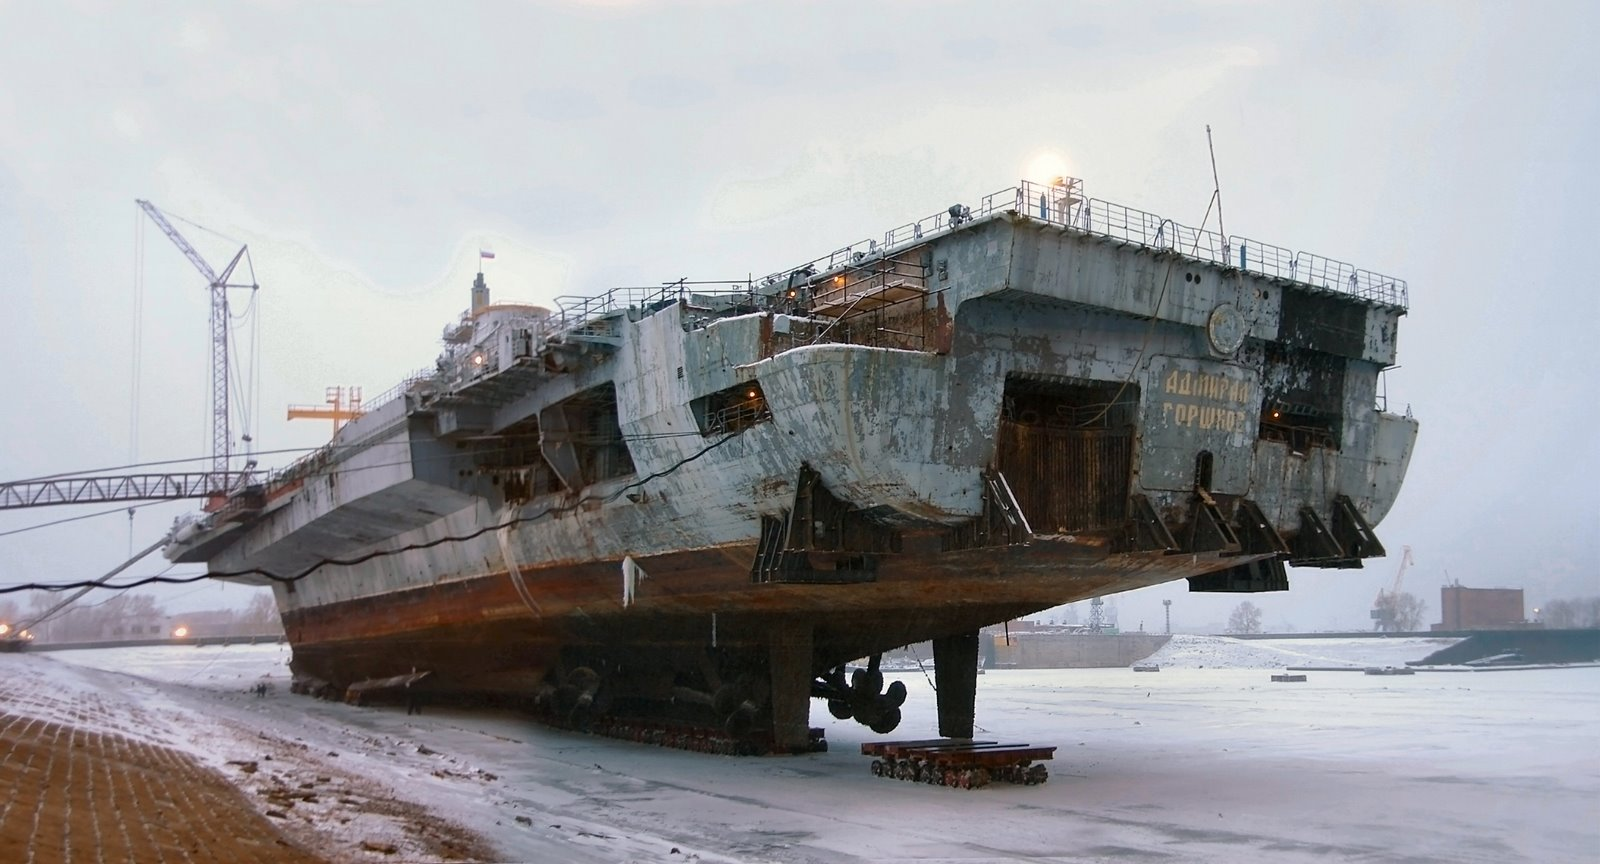 Тяжелый авианесущий крейсер. Пр.11434. «Адмирал Горшков». - 4